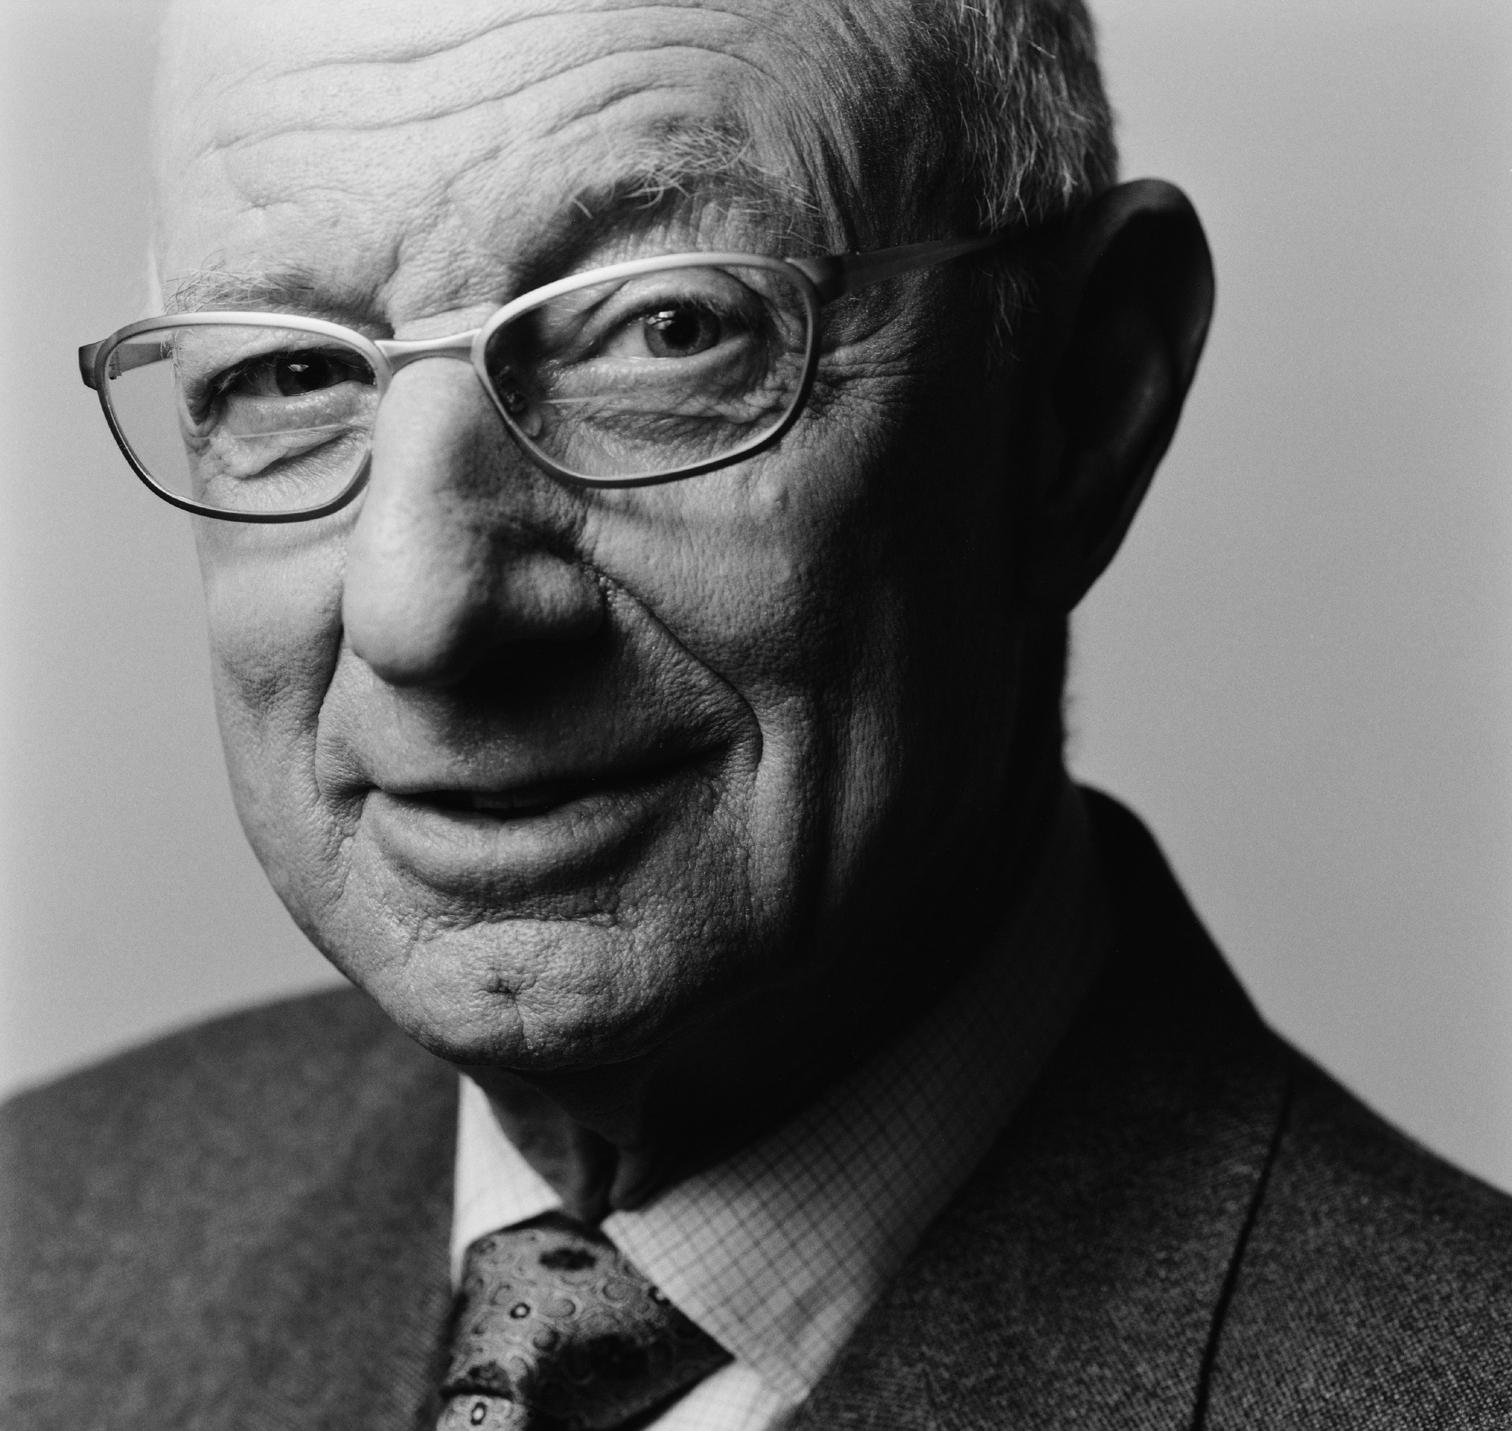 The Honens' Andrew Raeburn : July 22 1933 – August 24 2010